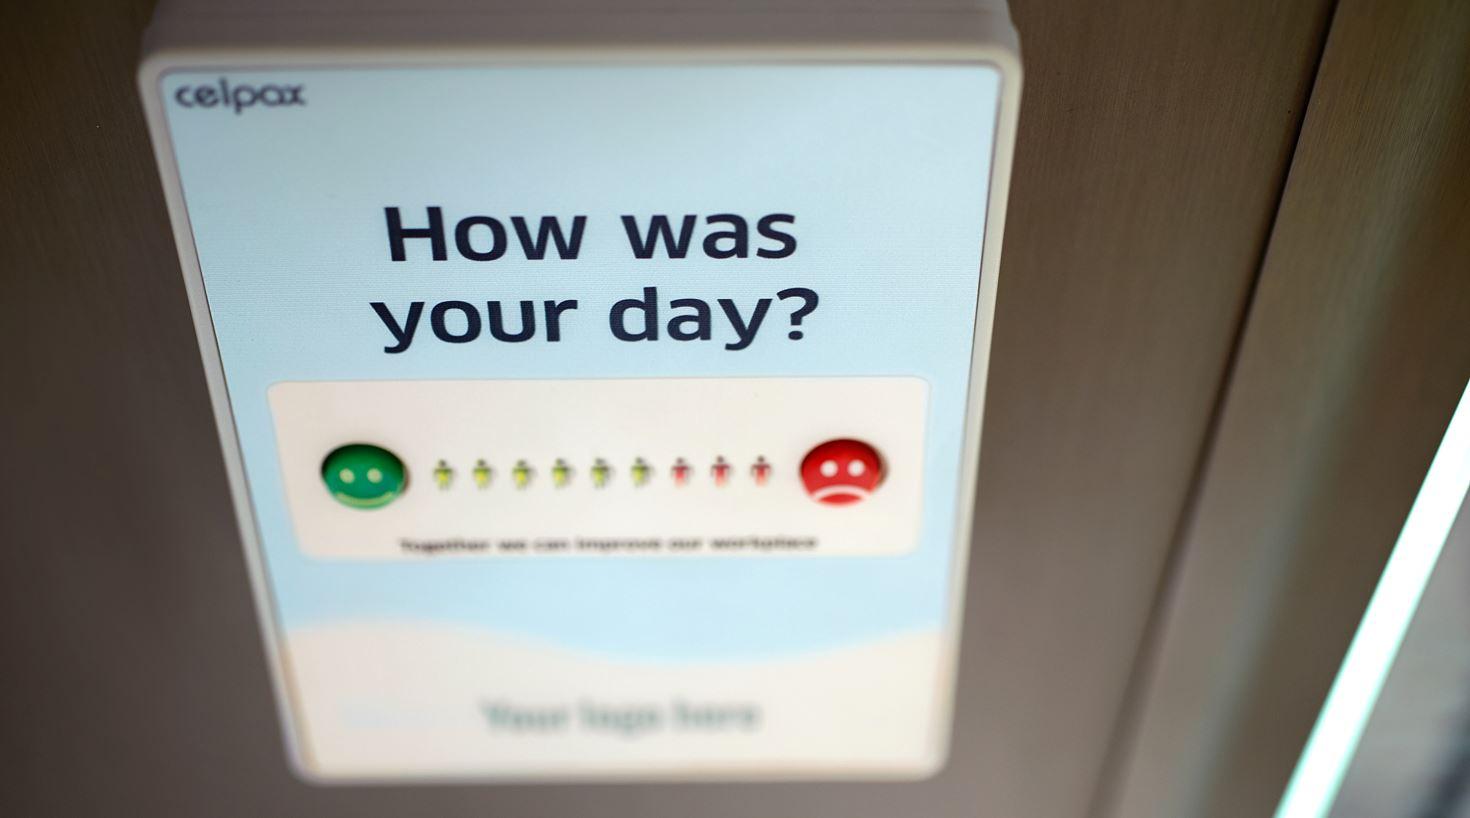 Kvinne gir tilbakemelding på sin kundetilfredshet ved hjelp av Smiley-symboler på en skjerm.